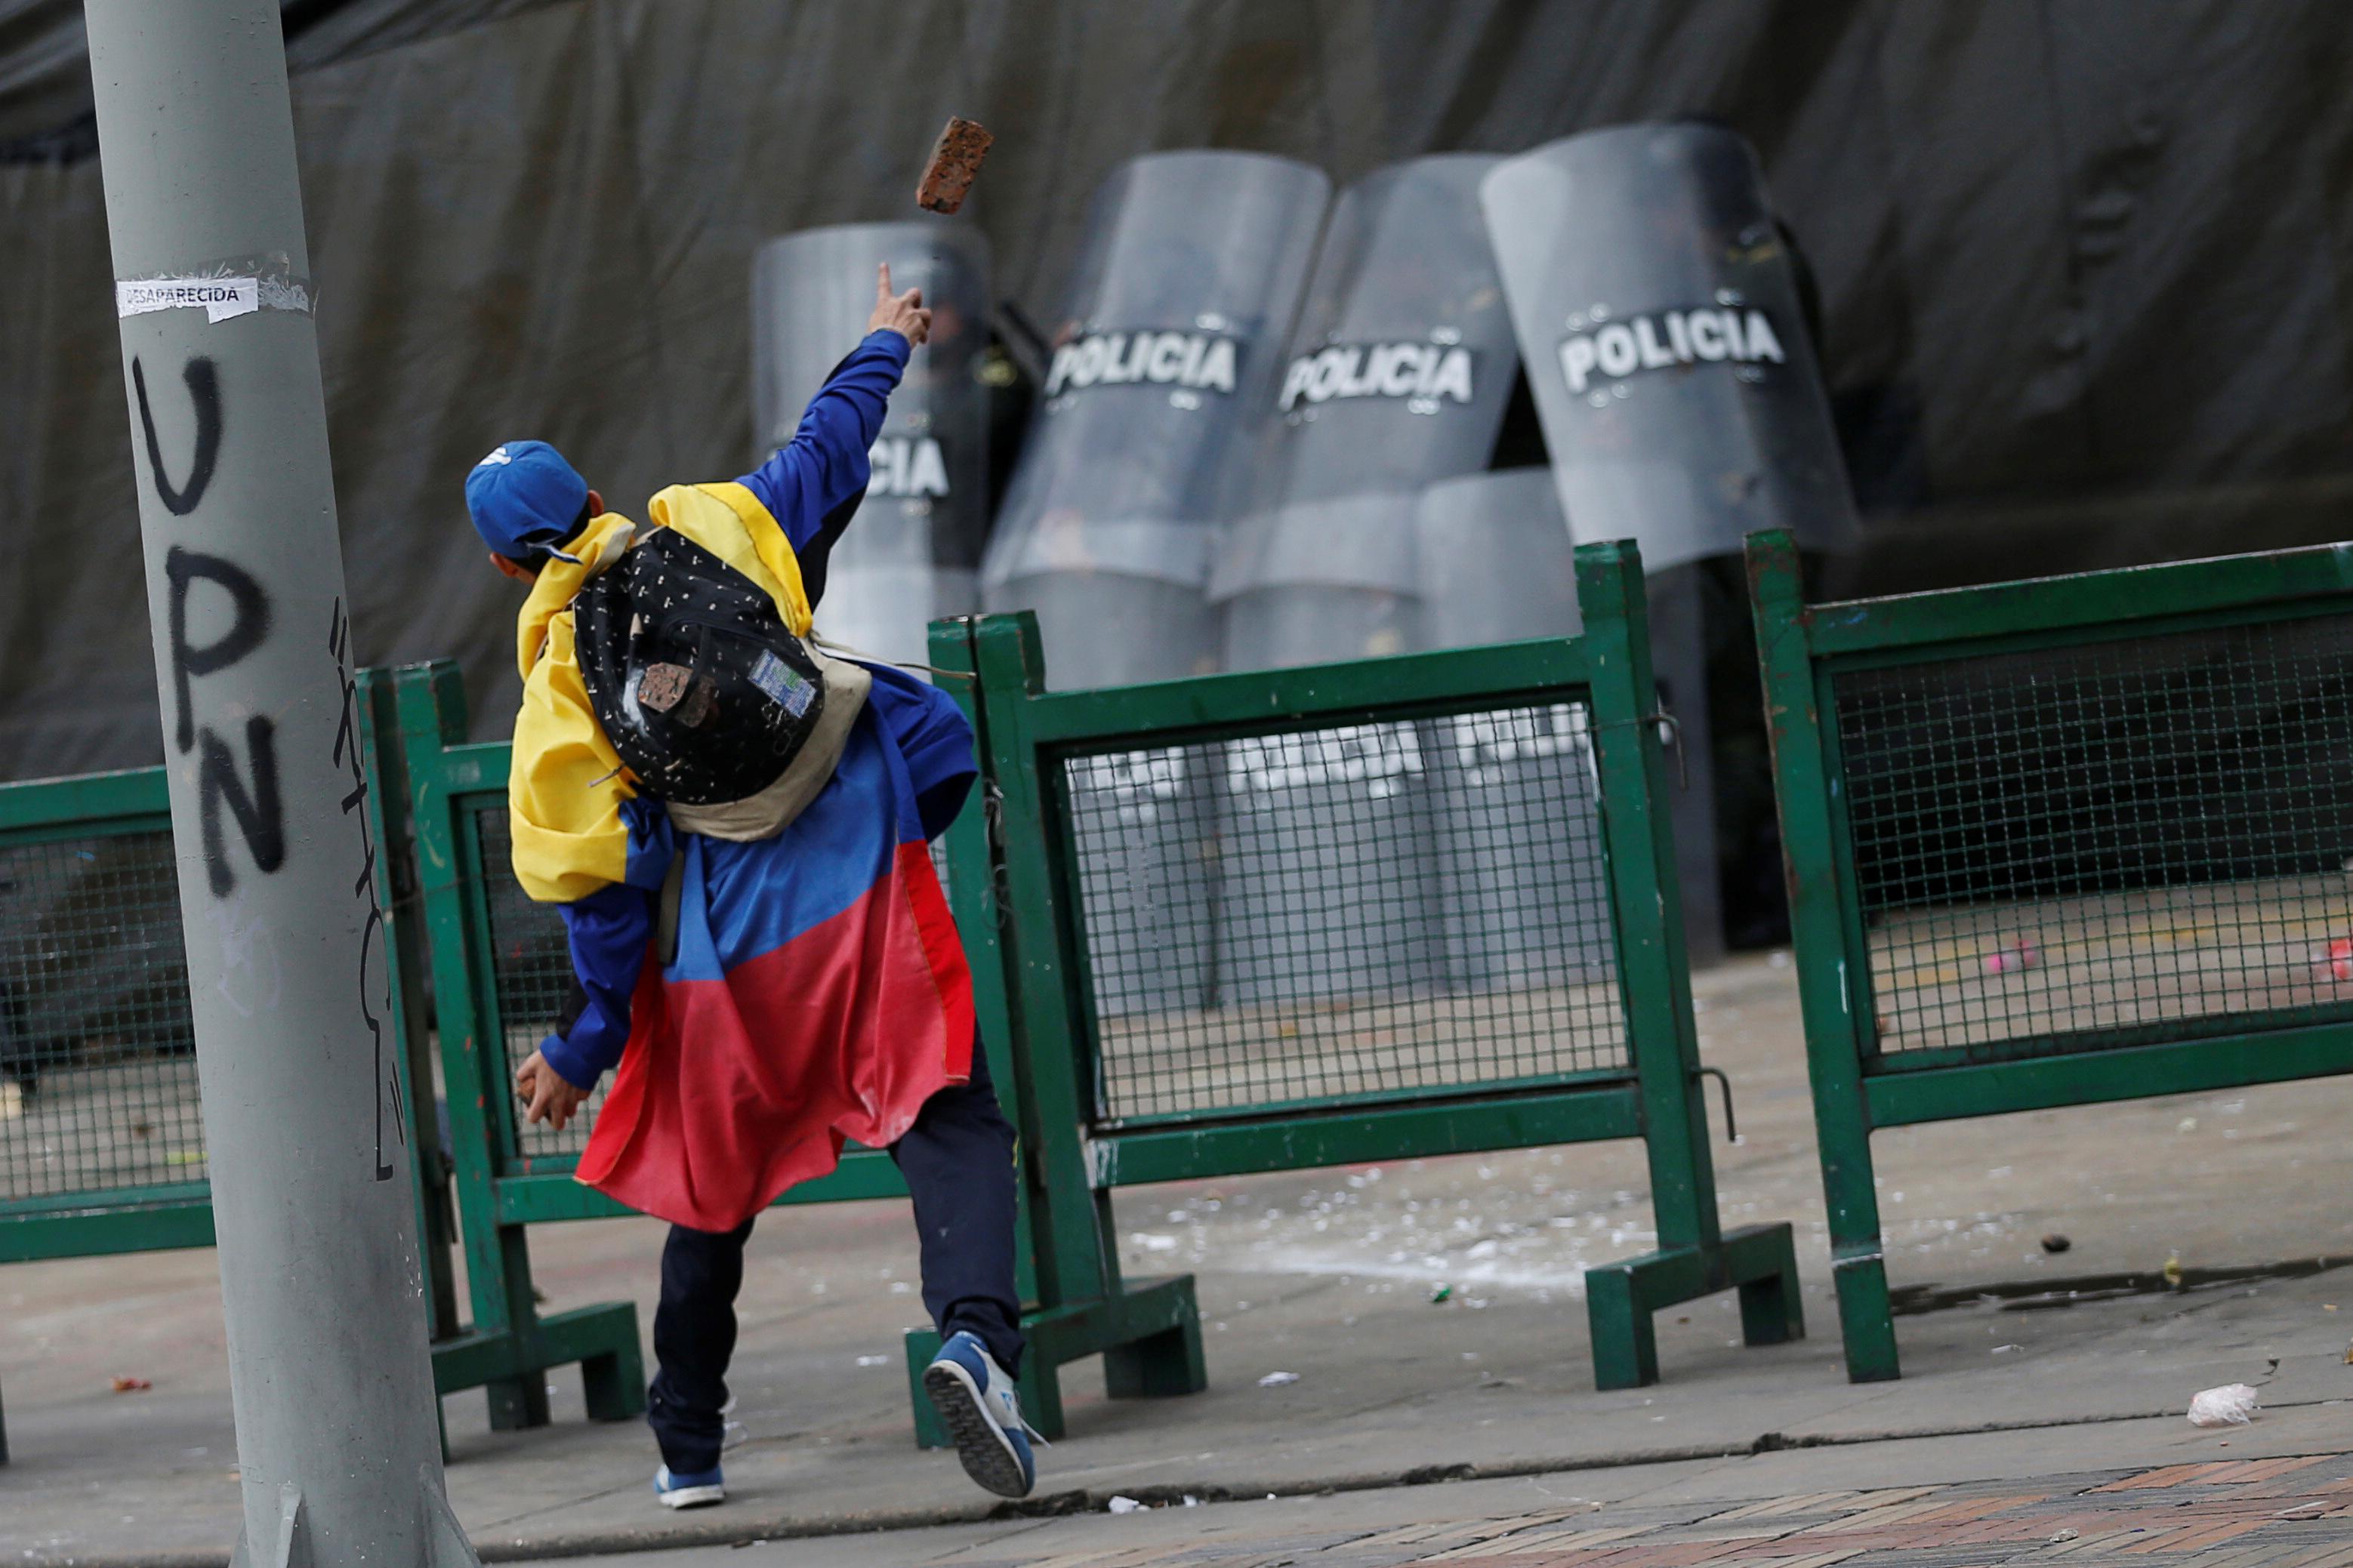 1538856-جانب-من-الاحتجاجات-والعنف-فى-كولومبيا-(6)